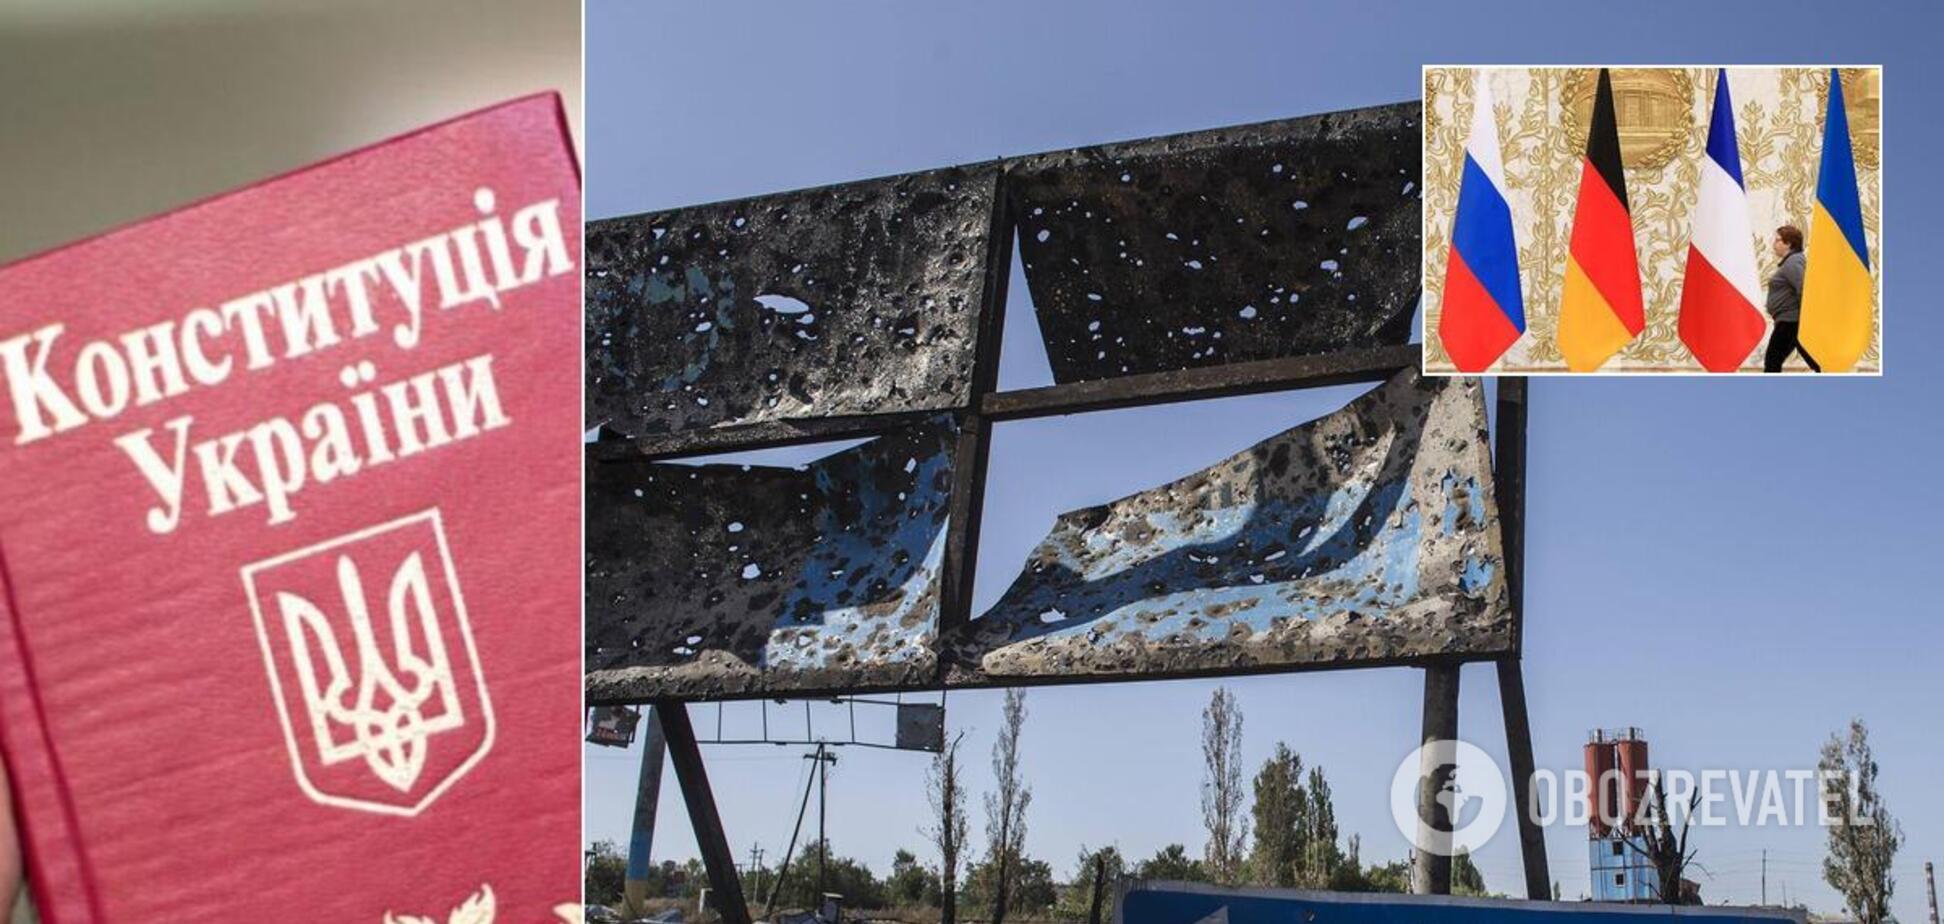 Перемовини щодо Донбасу зайшли в глухий кут? Що вимагає Росія та чому пручається Україна